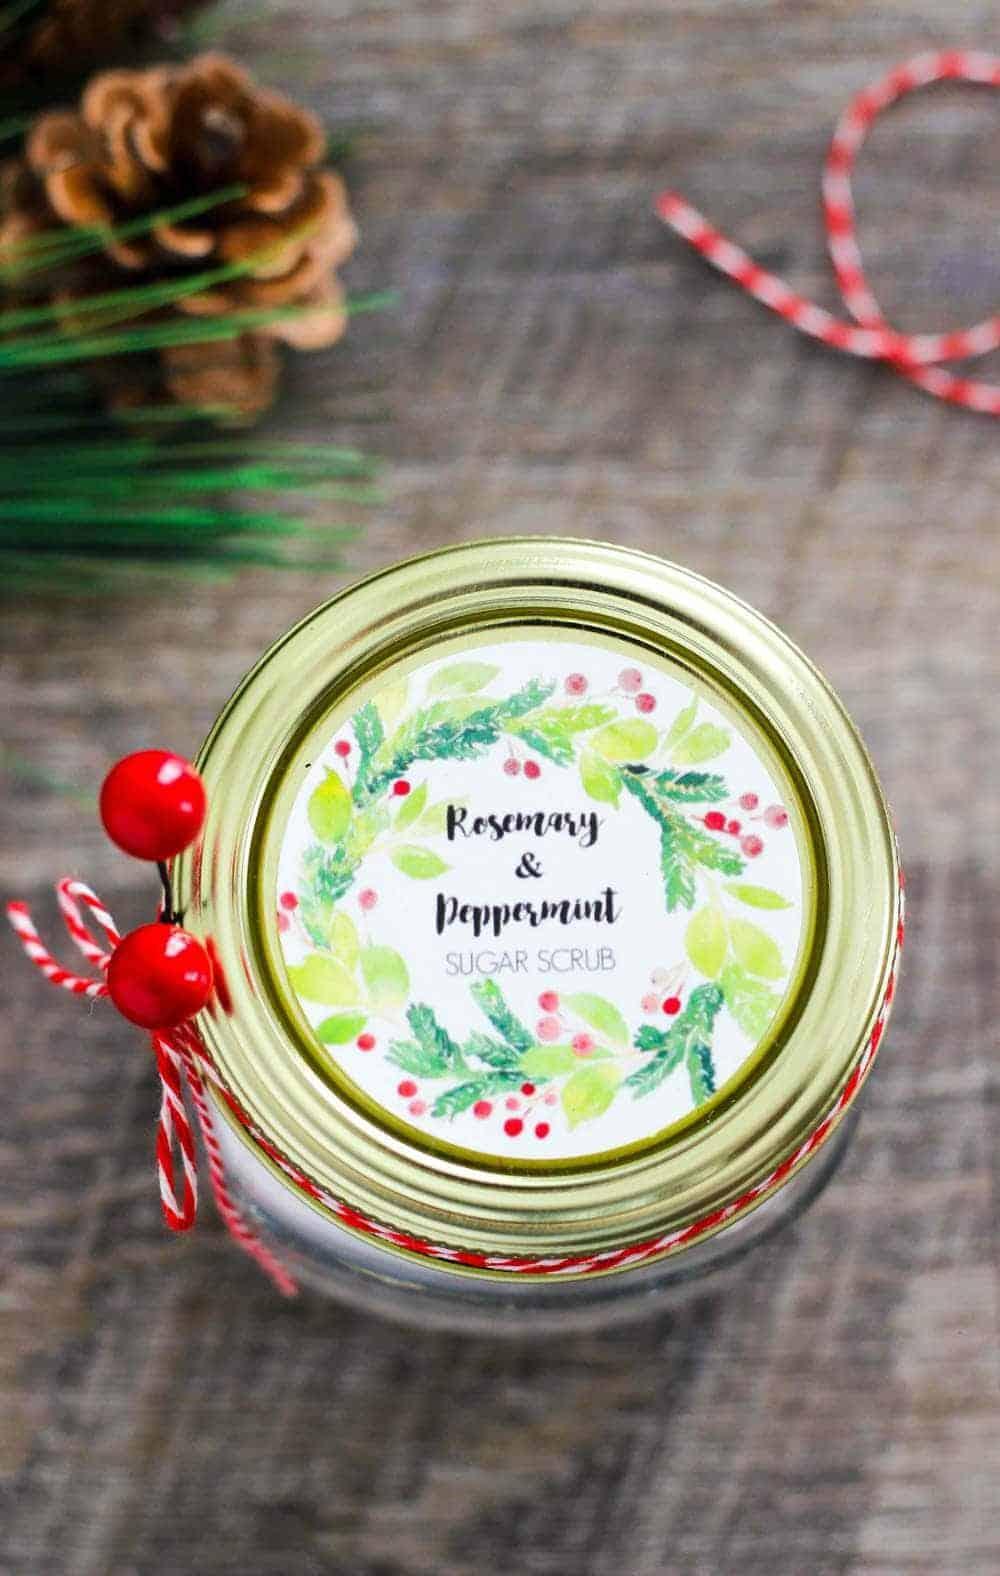 jar of rosemary peppermint sugar scrub with a label